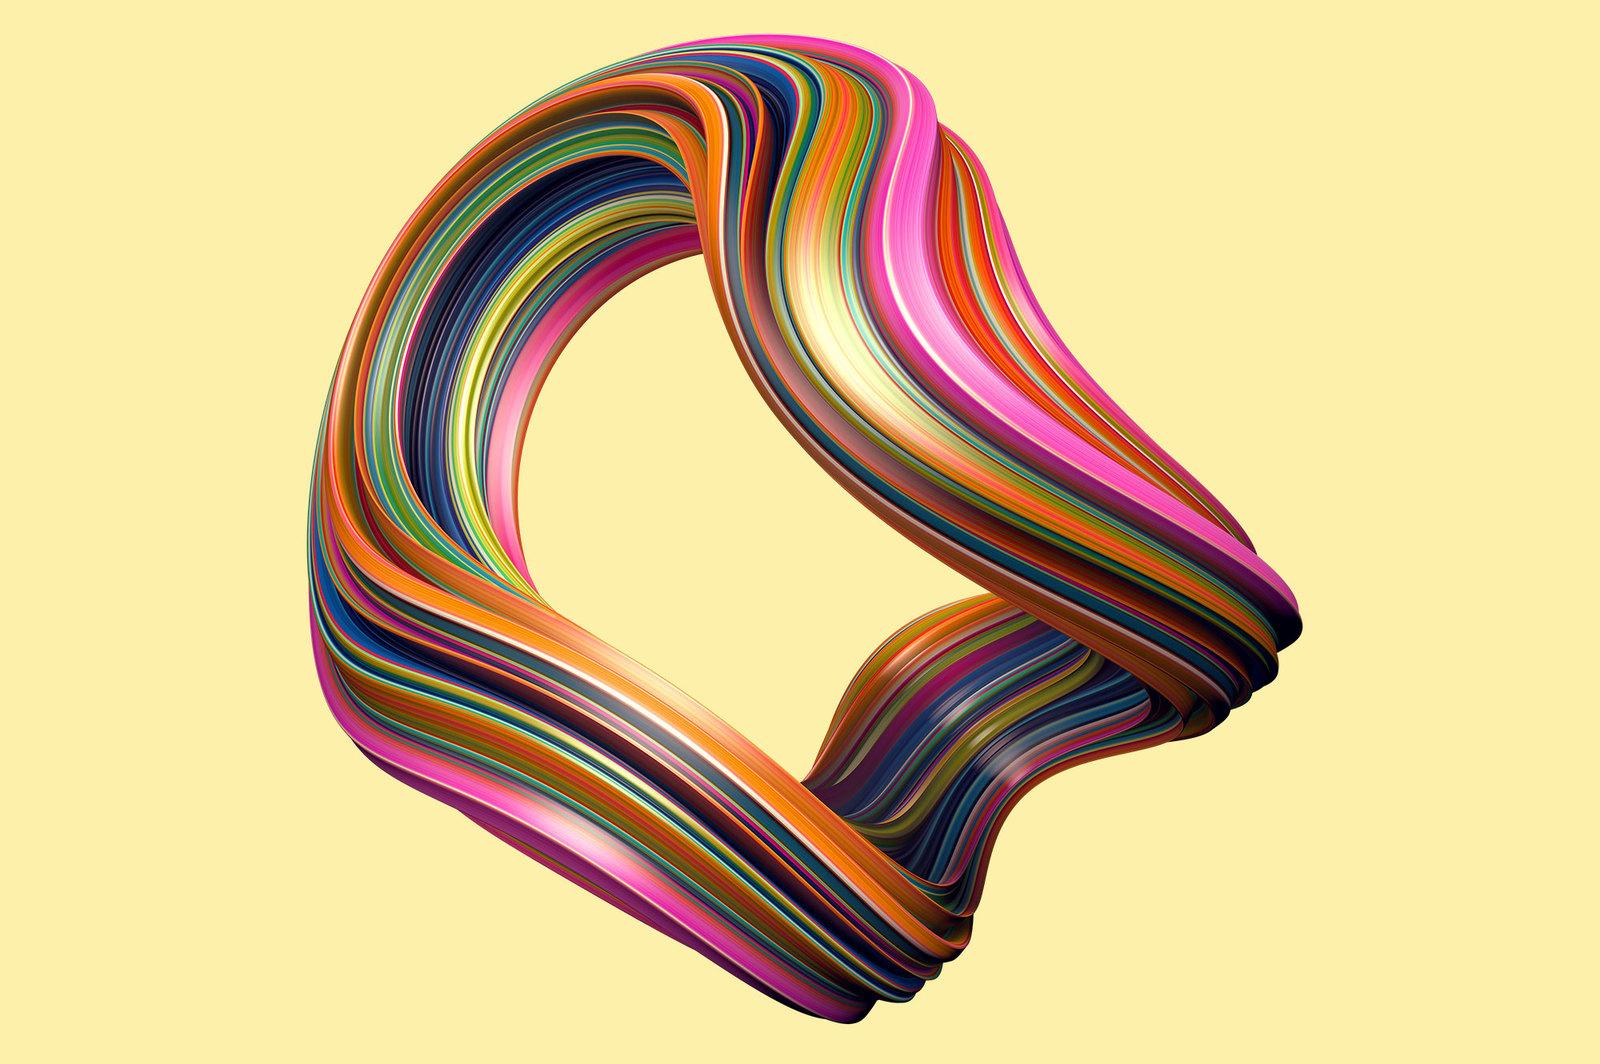 Twist: Swirling 3D Shapes